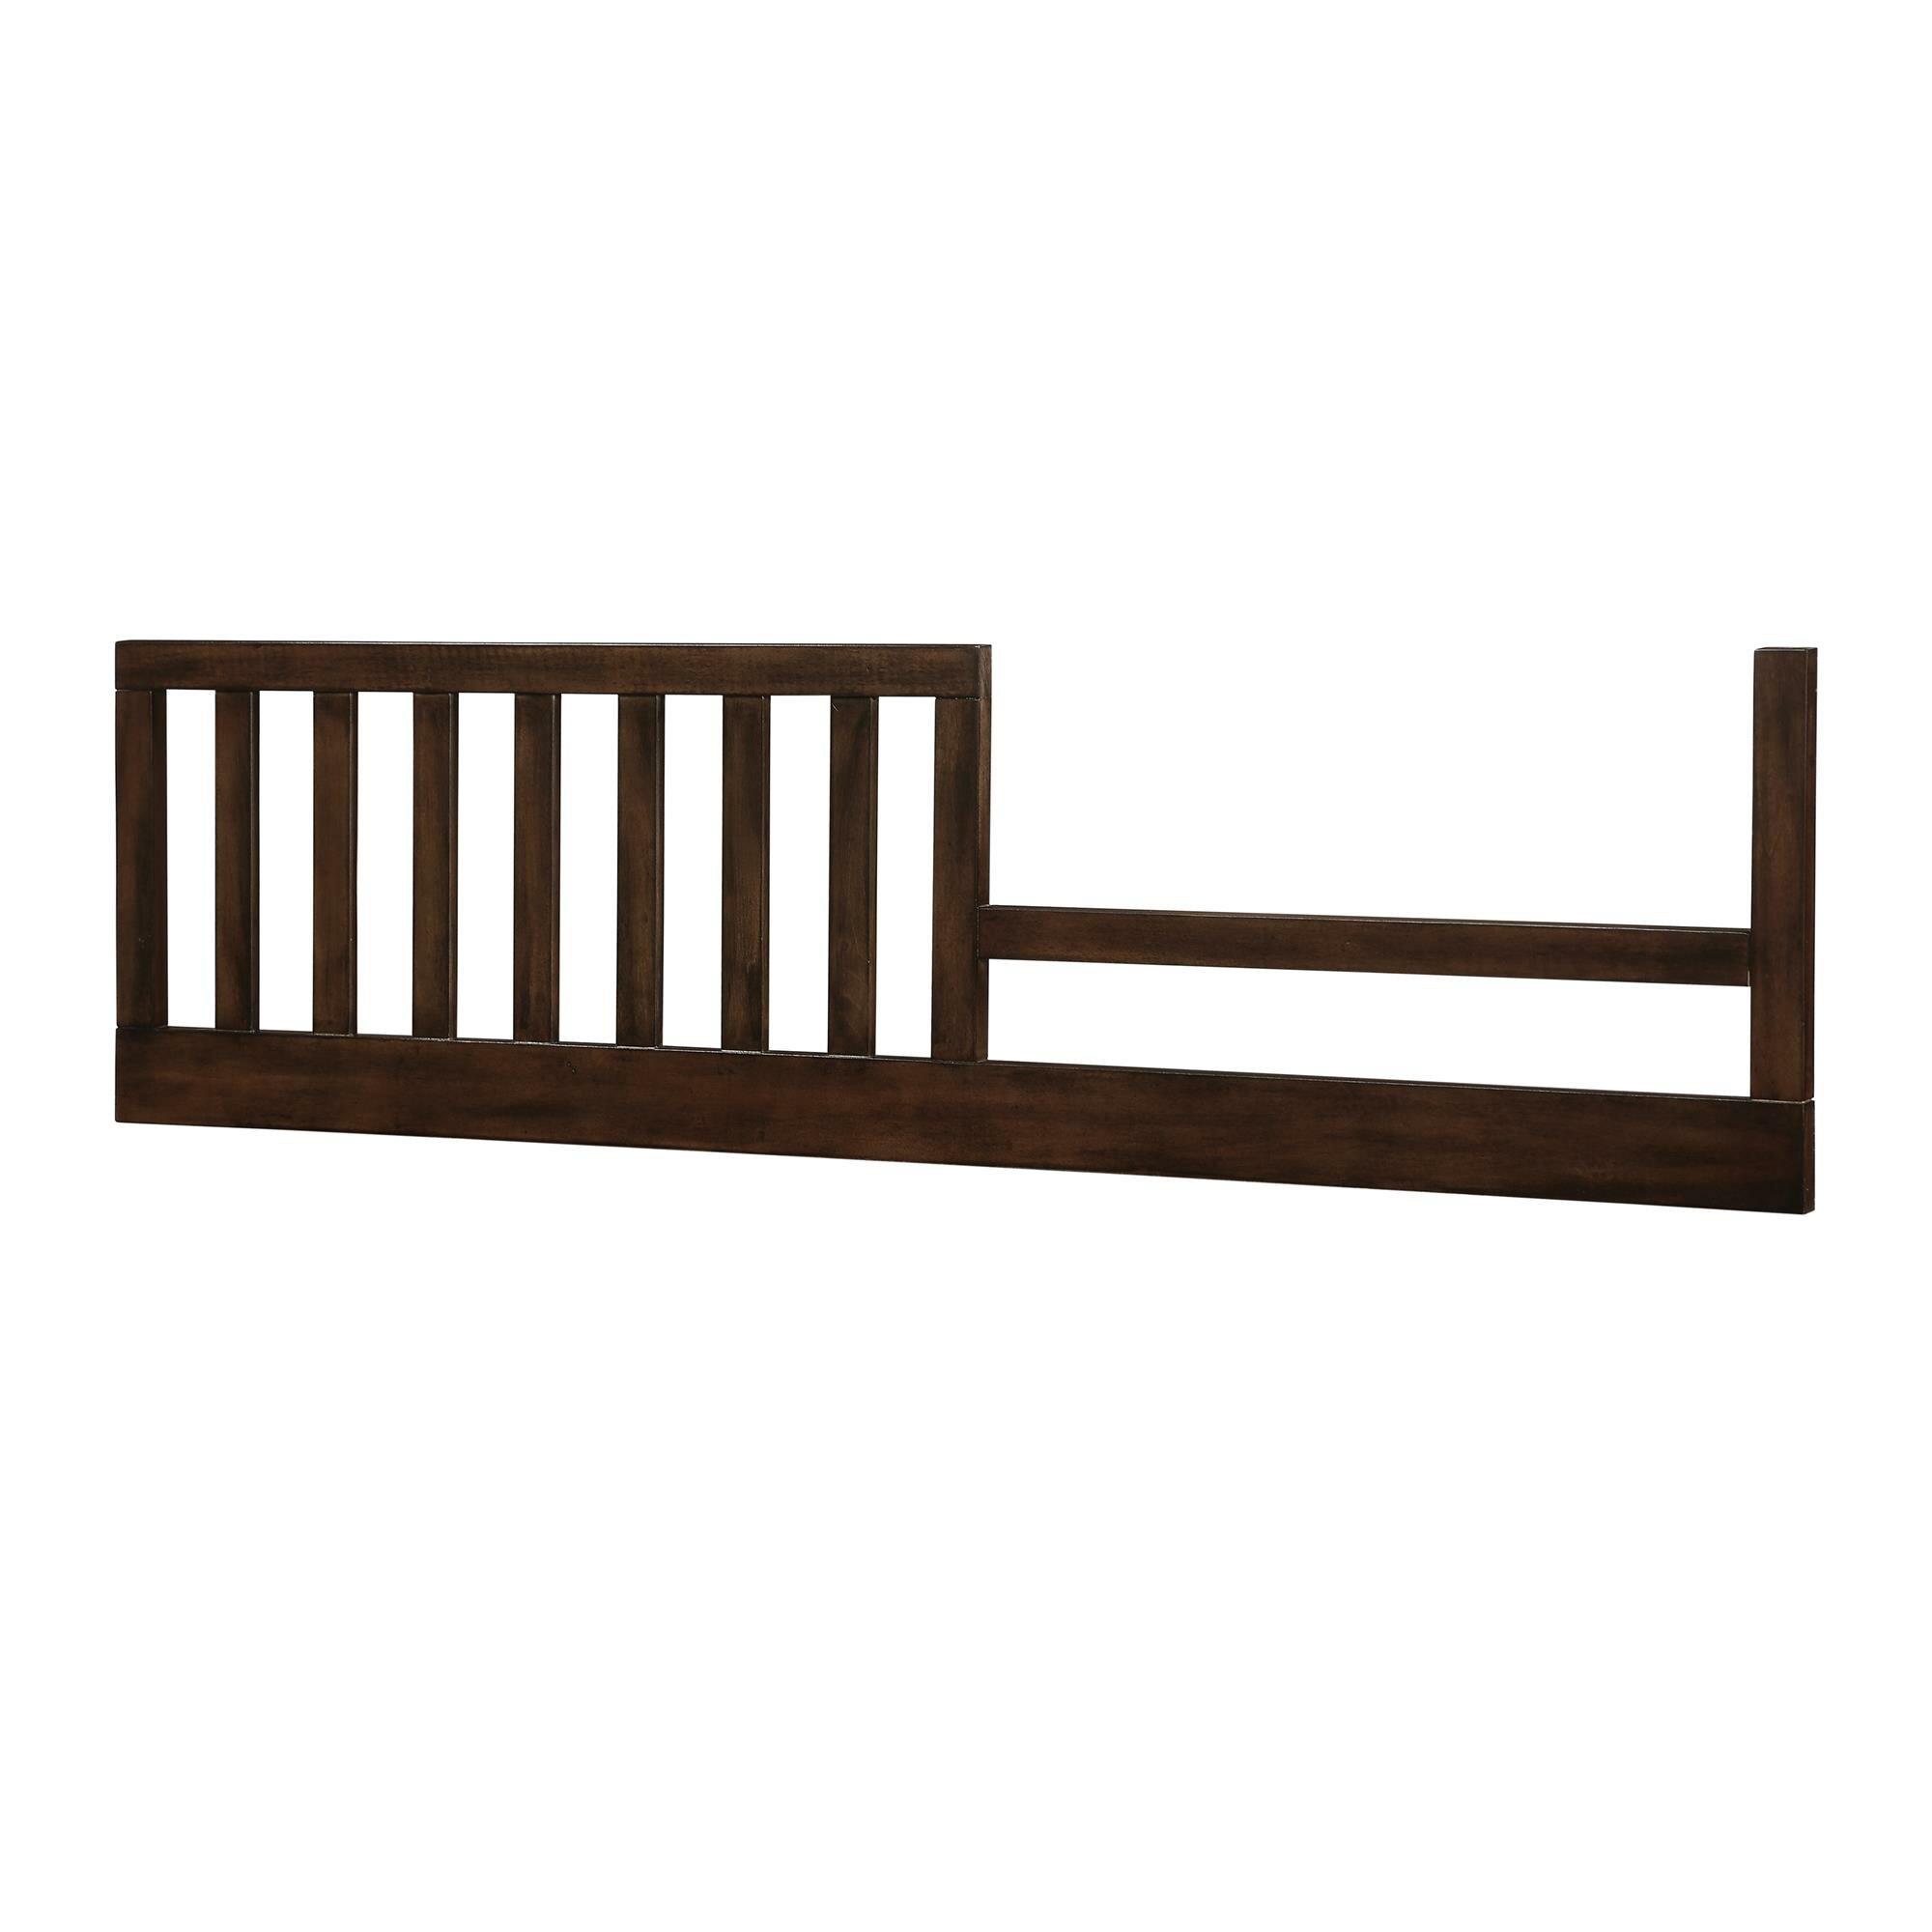 Bertini Timber Lake Toddler Bed Rail & Reviews | Wayfair